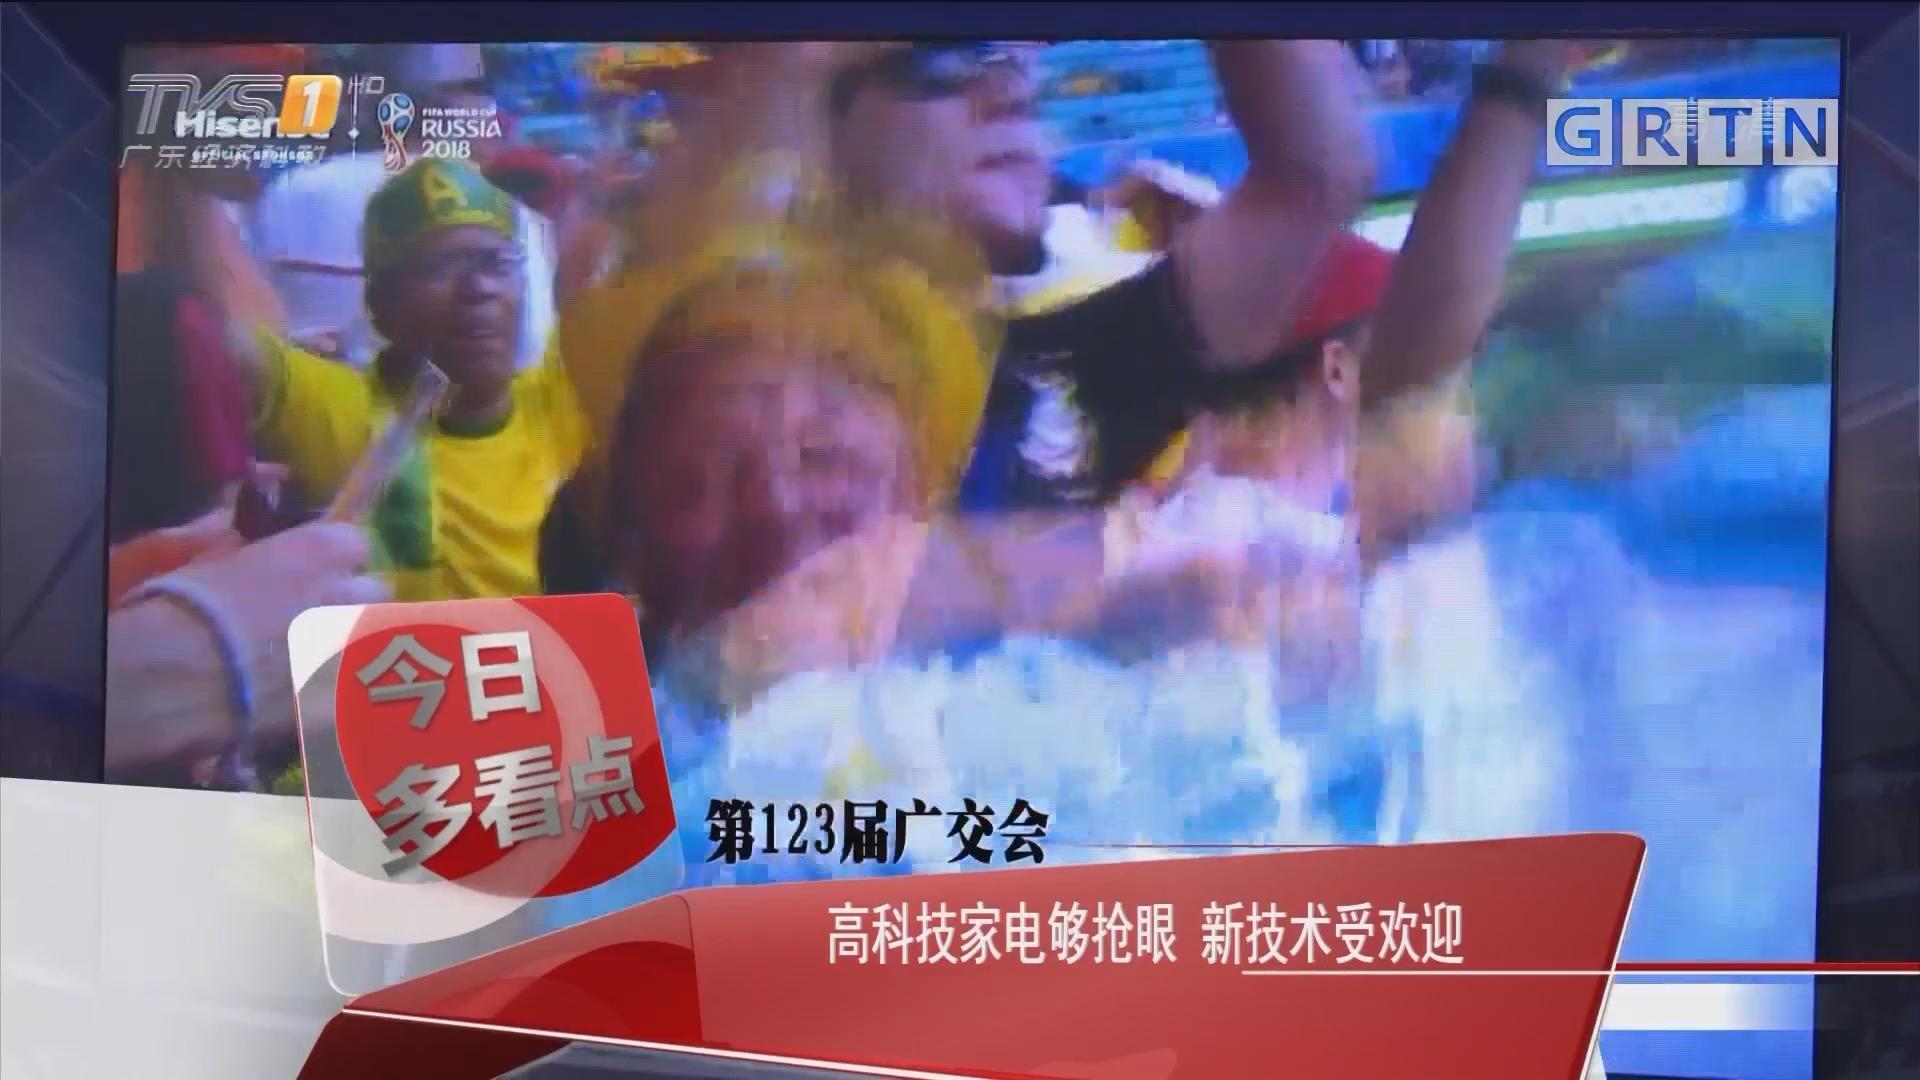 第123届广交会:高科技家电够抢眼 新技术受欢迎